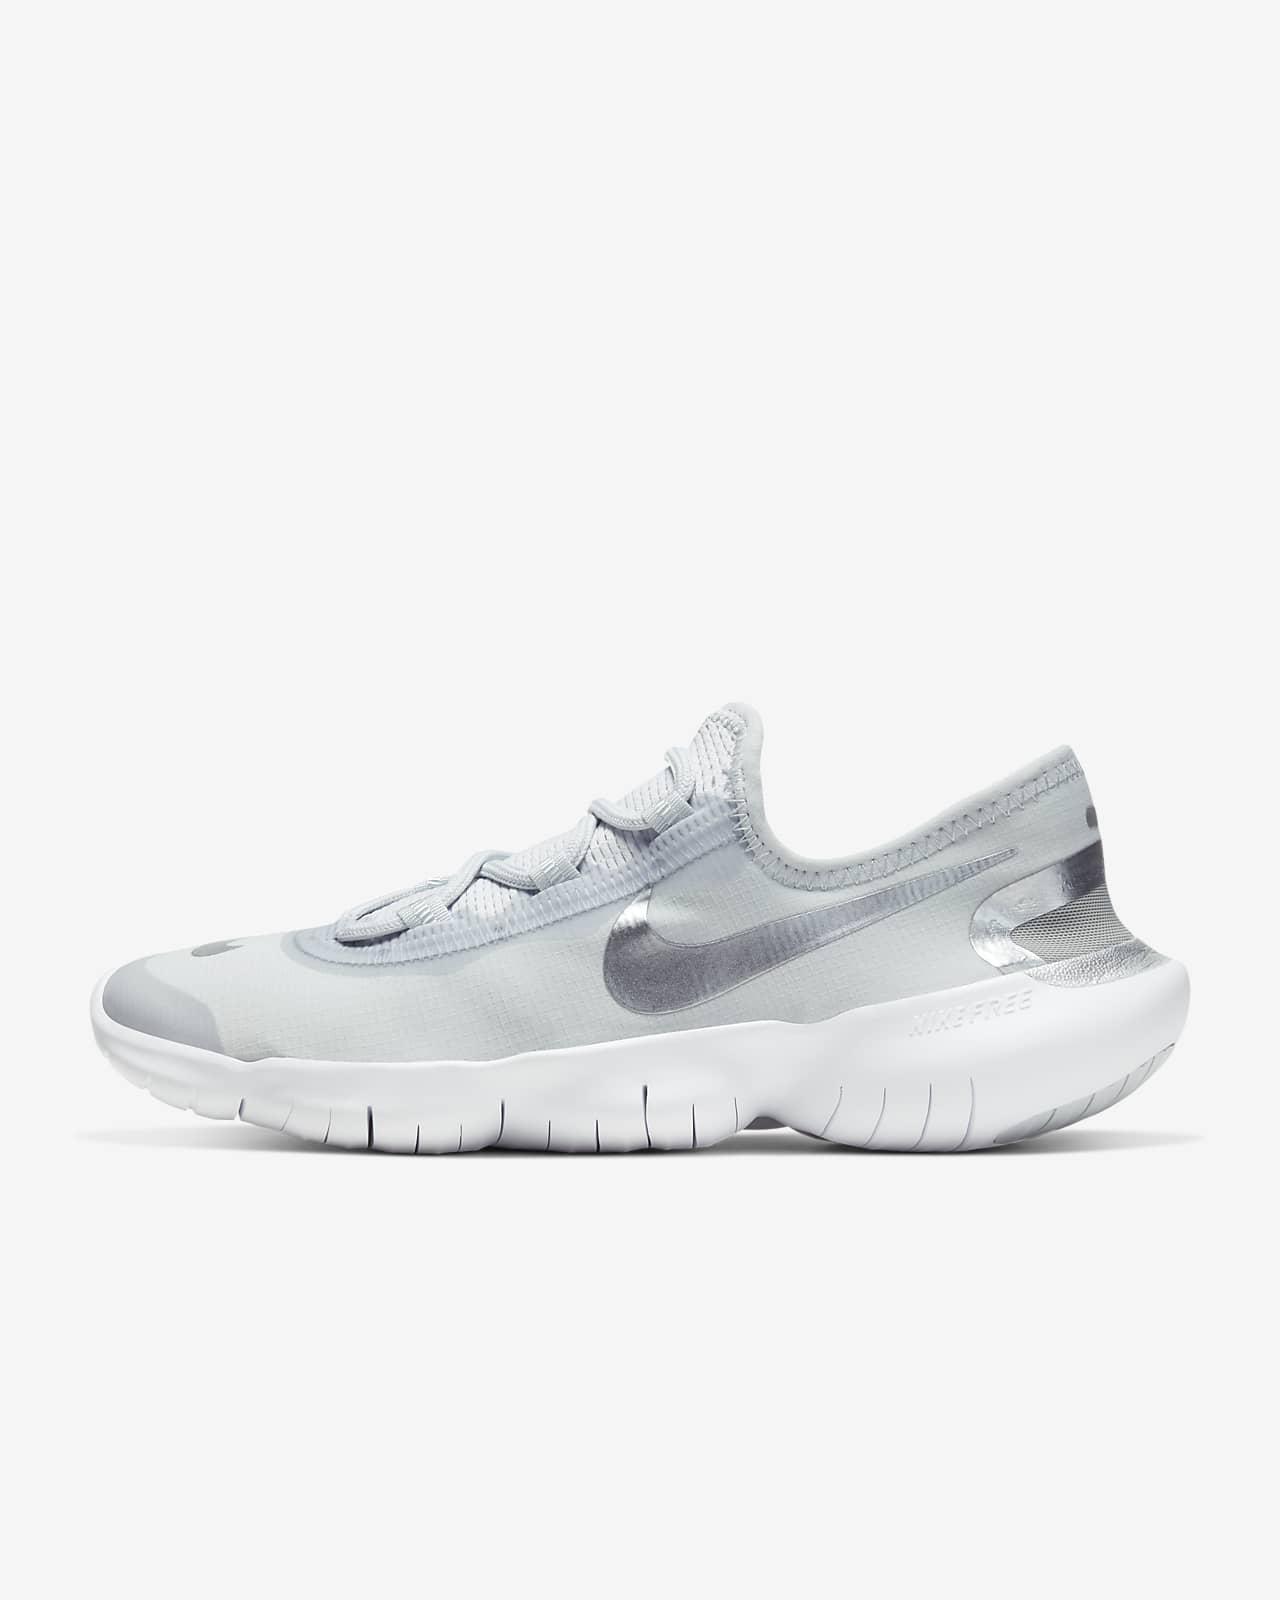 Nike Free RN 5.0 2020 Women's Running